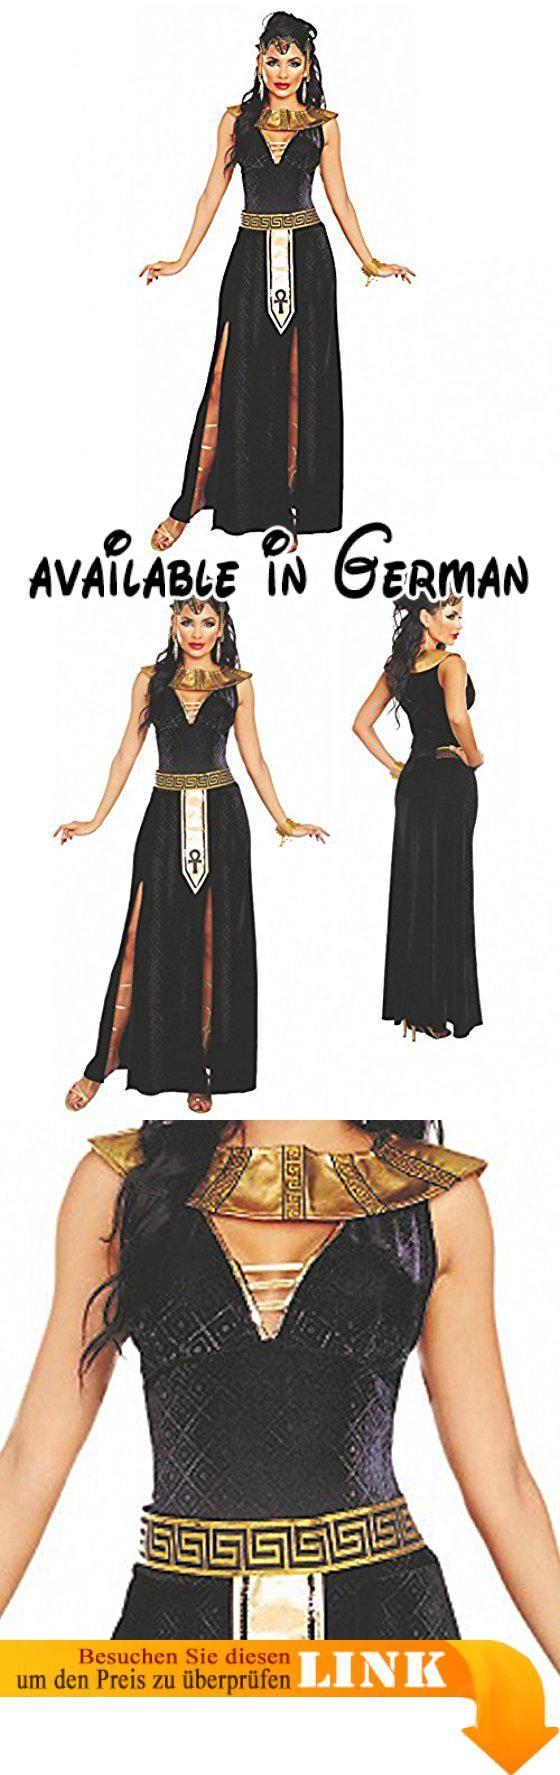 Kostüm Cleopatra Alexia Gr. XS-L Kleid lang Kragen Gürtel Ägypterin Antike (Small). Damen Kostüm Cleopatra. Lieferung 3-tlg.: Samt-Kleid, Kragen, Gürtel. Gr. XS bis L. Achtung: Auszeichnung in amerikan. Größen, Versand in dt. Größen. Lieferung ohne Kopfschmuck #Toy #TOYS_AND_GAMES